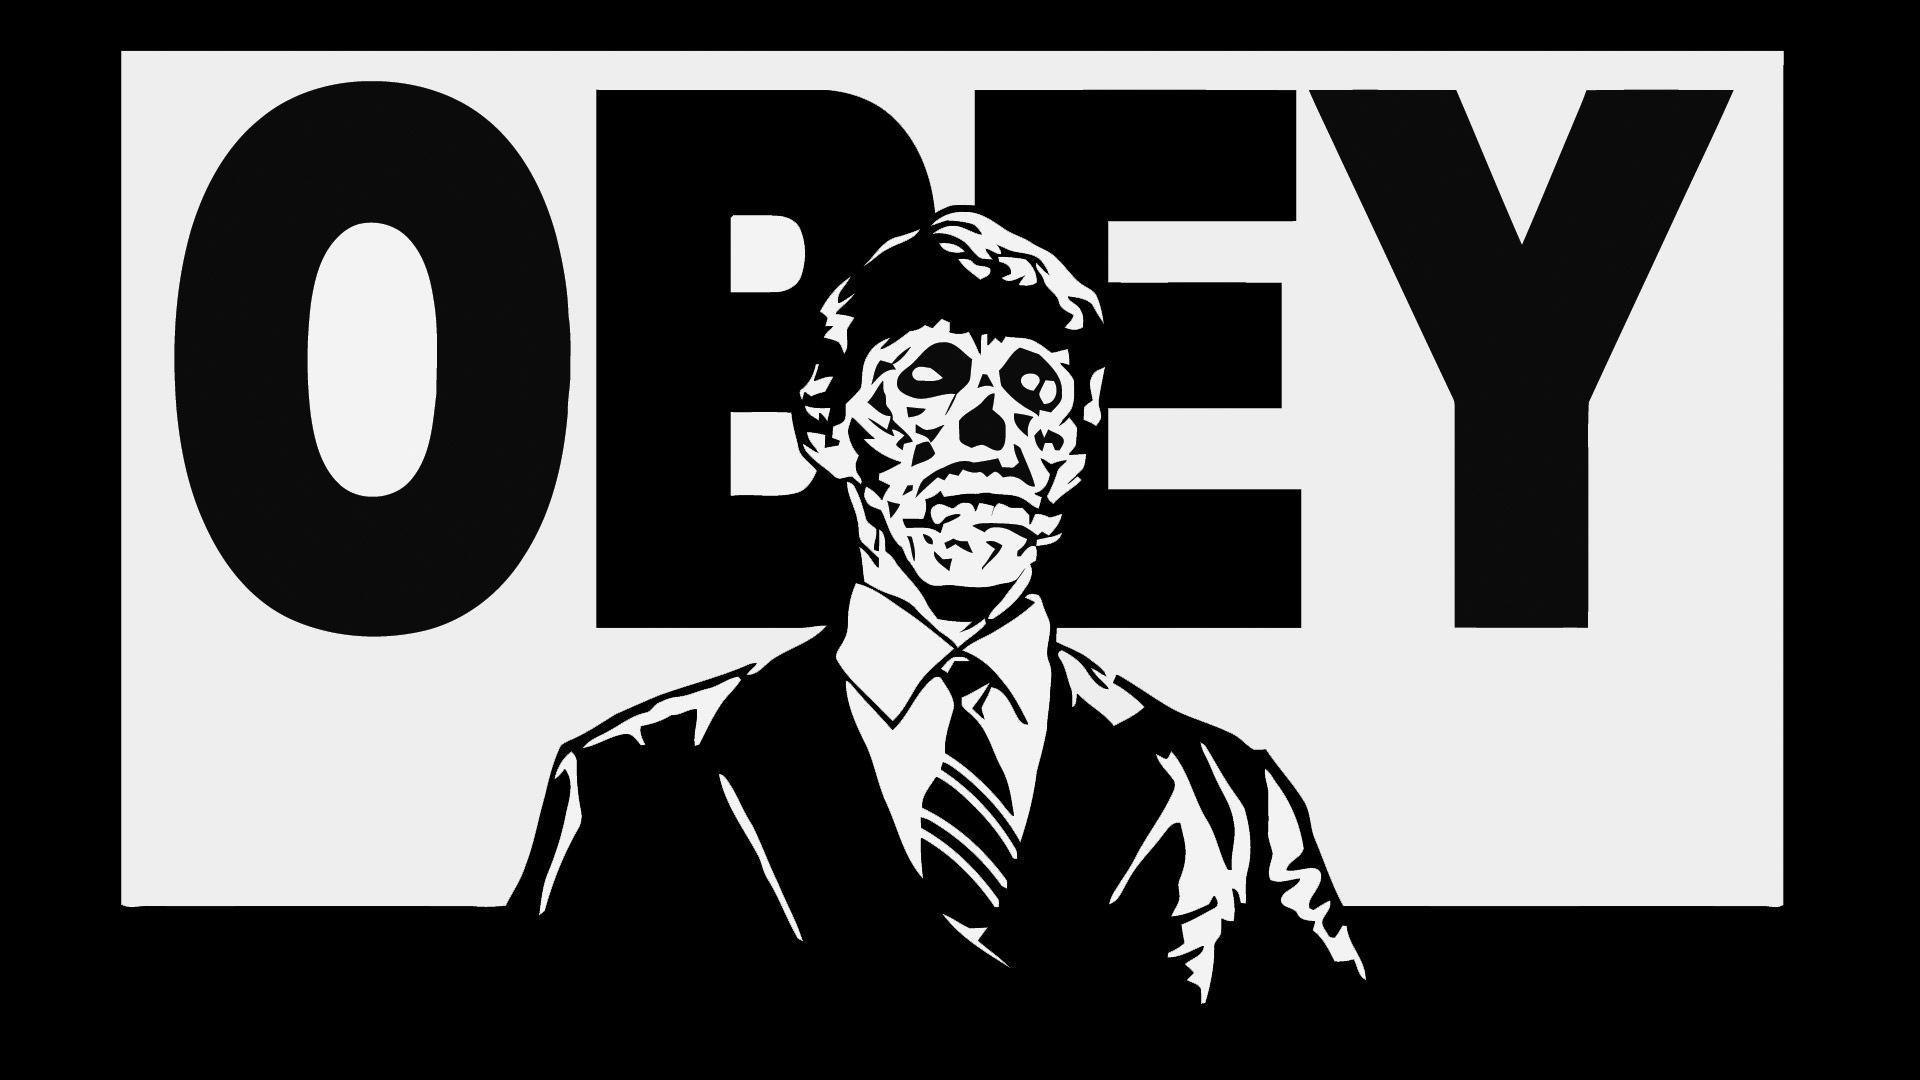 Obey Graffiti Tumblr